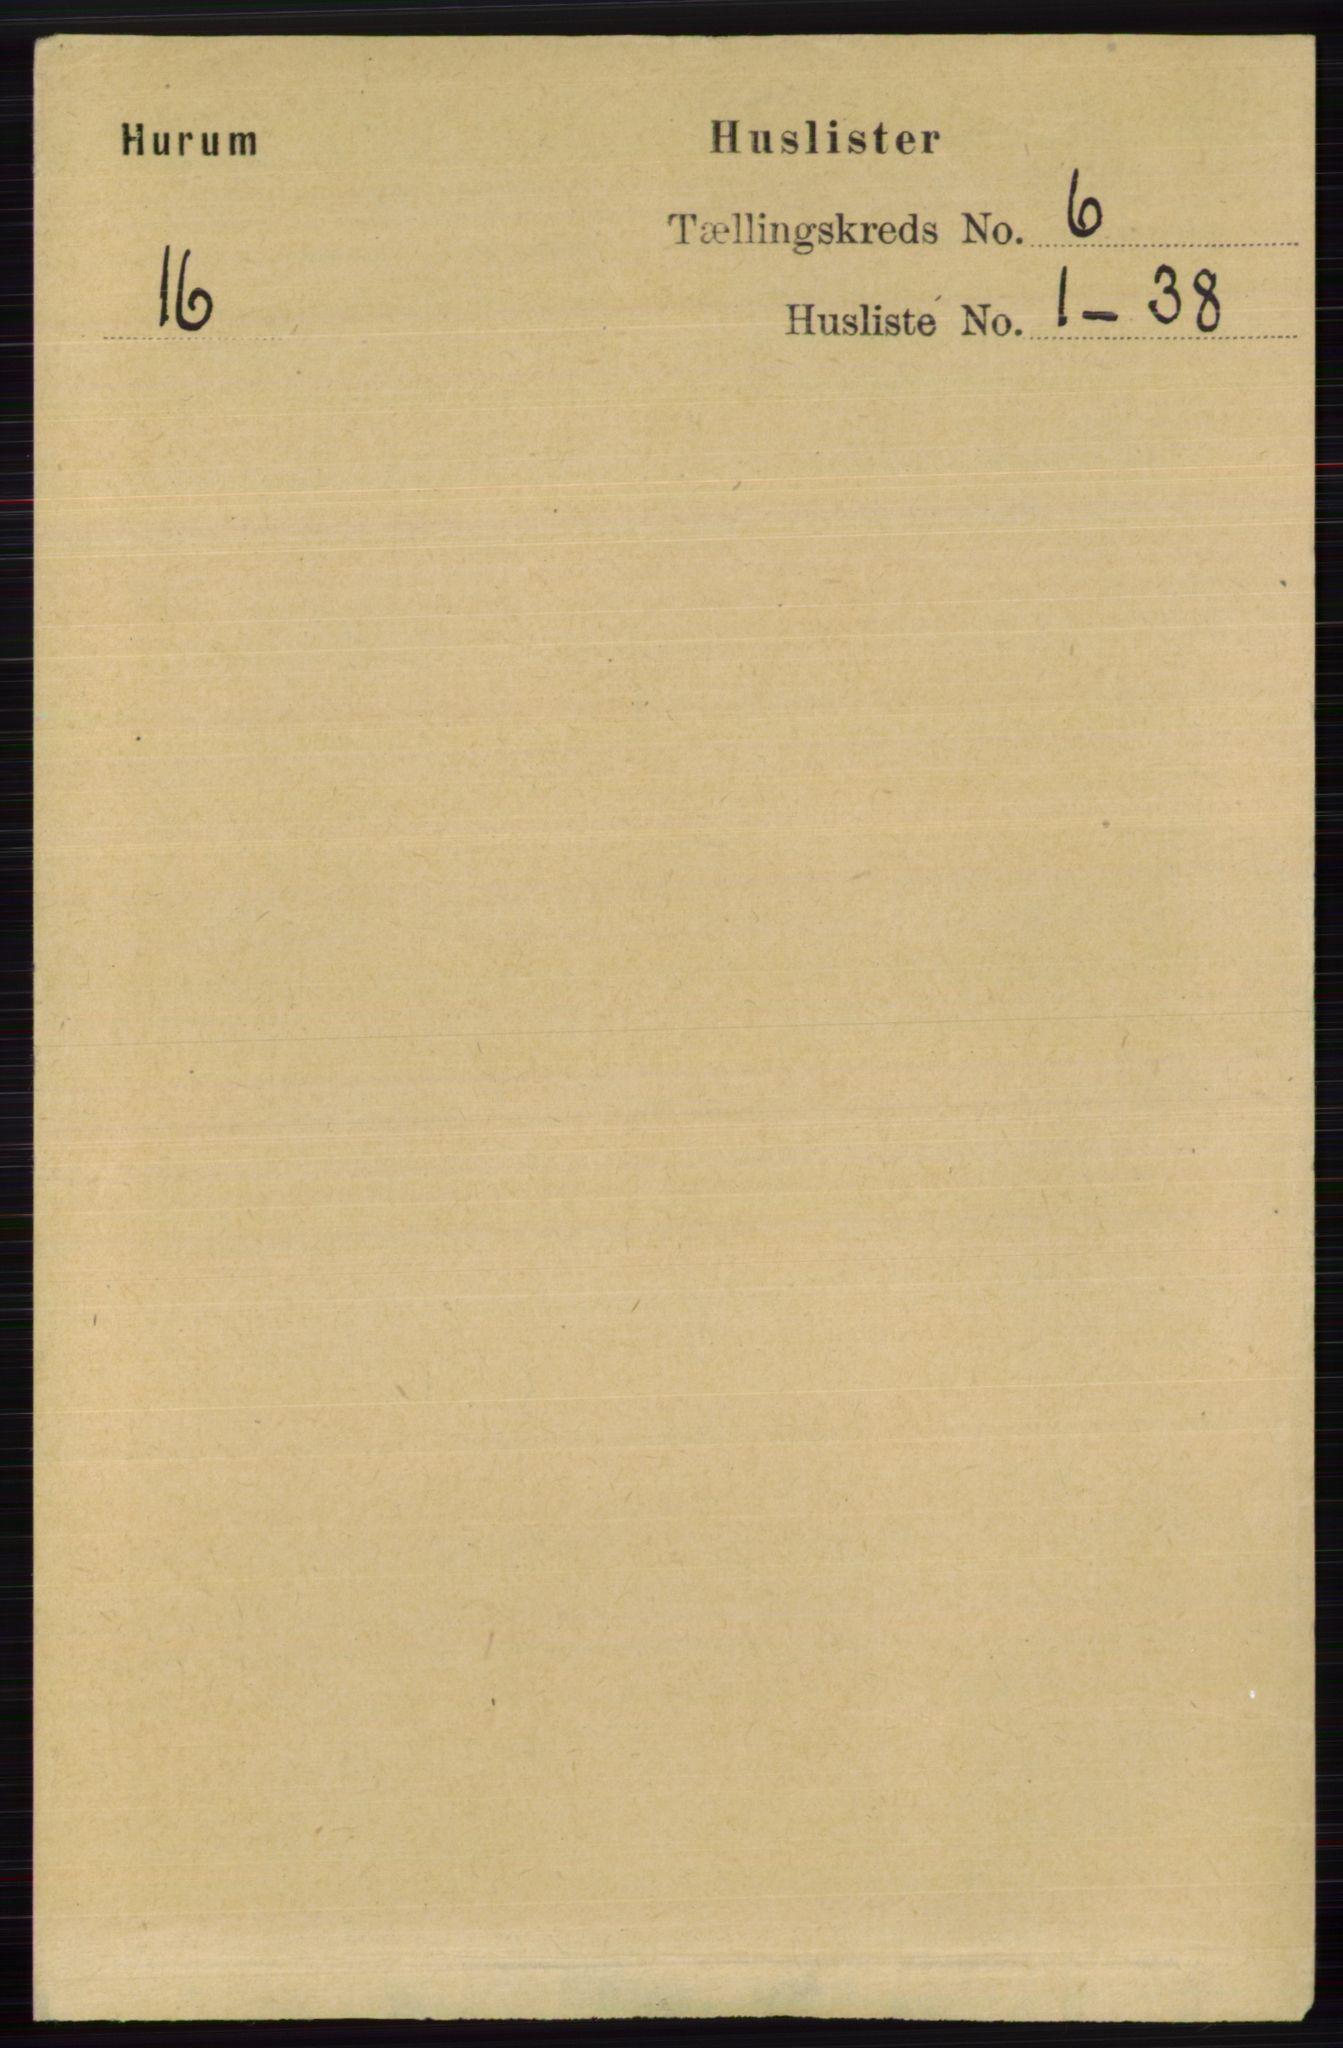 RA, Folketelling 1891 for 0628 Hurum herred, 1891, s. 1936